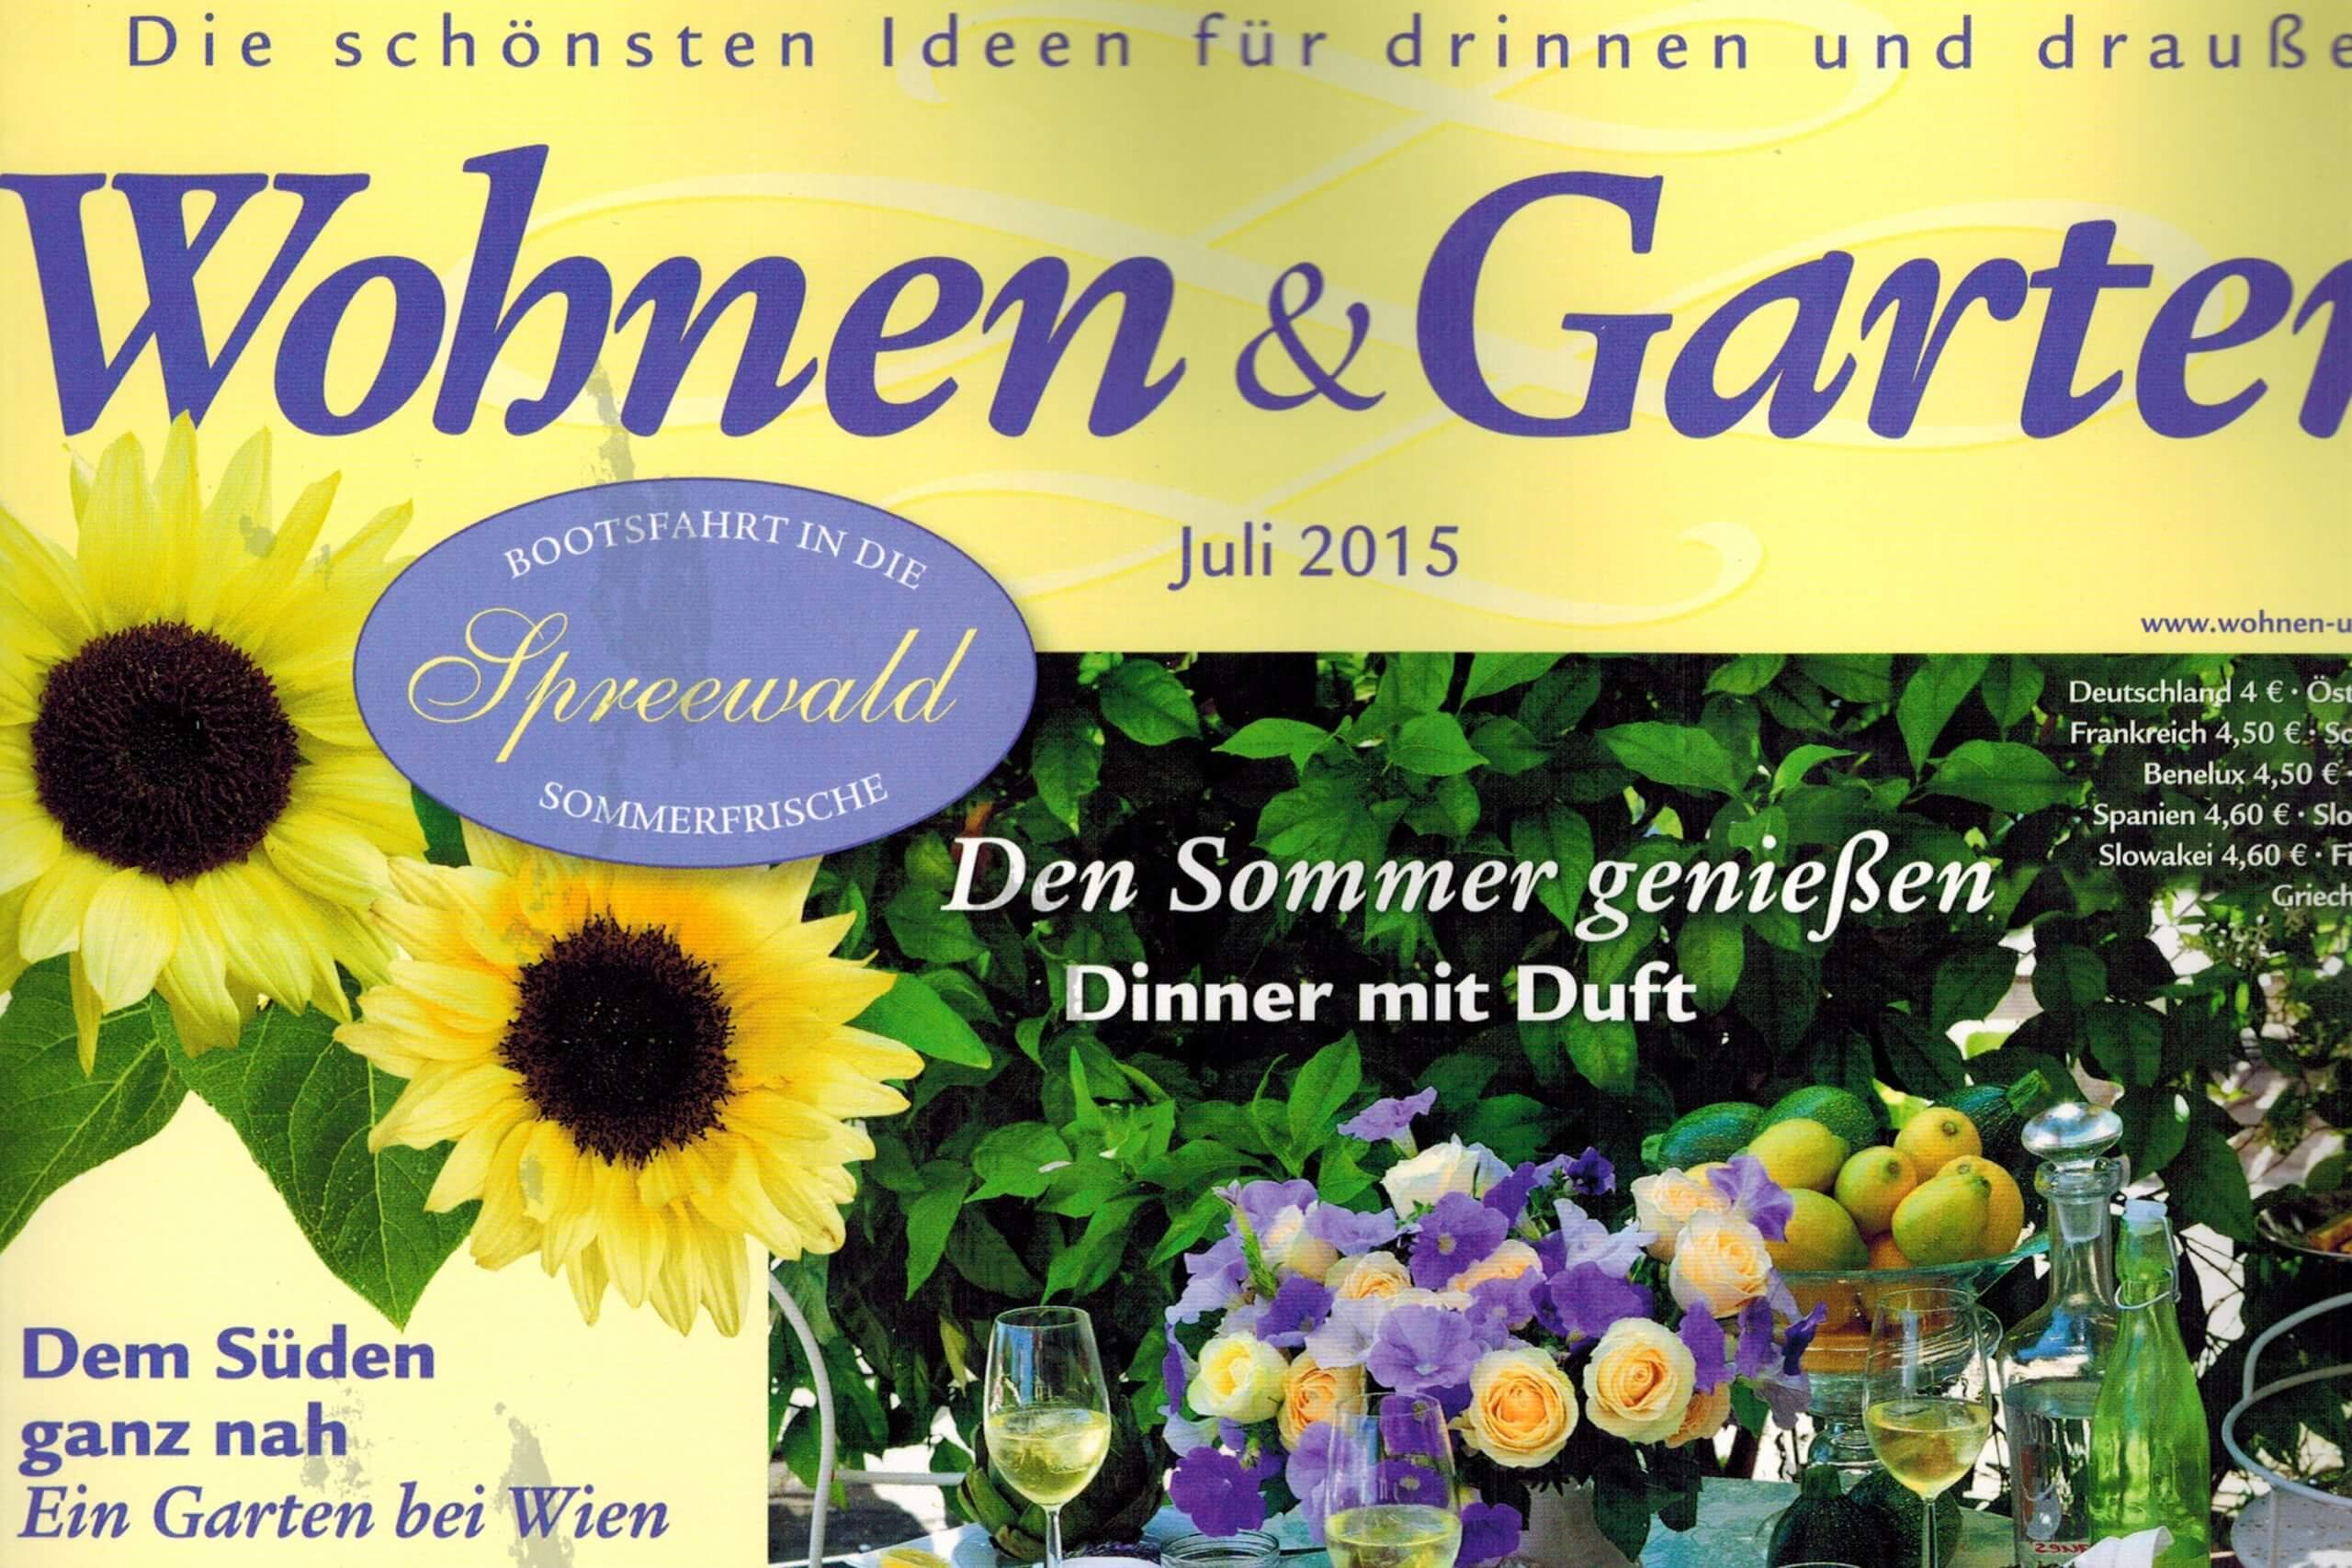 Wohnen und Garten Pressebericht ueber feinjemacht